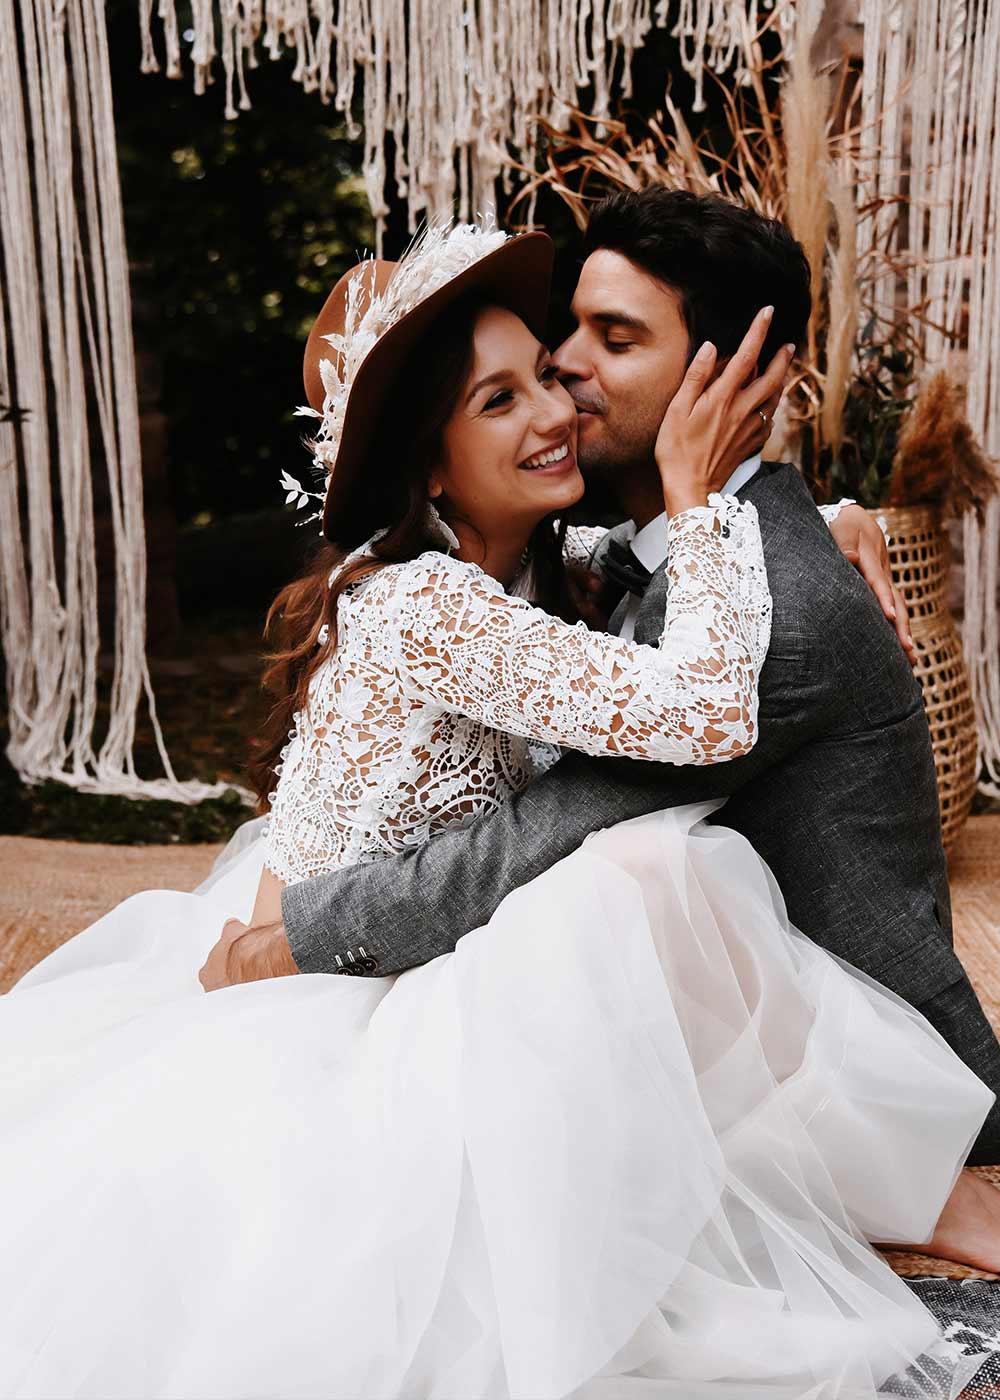 Glückliche Gesichter bei Braut und Bräutigam beim Brautshooting nach der Trauung.